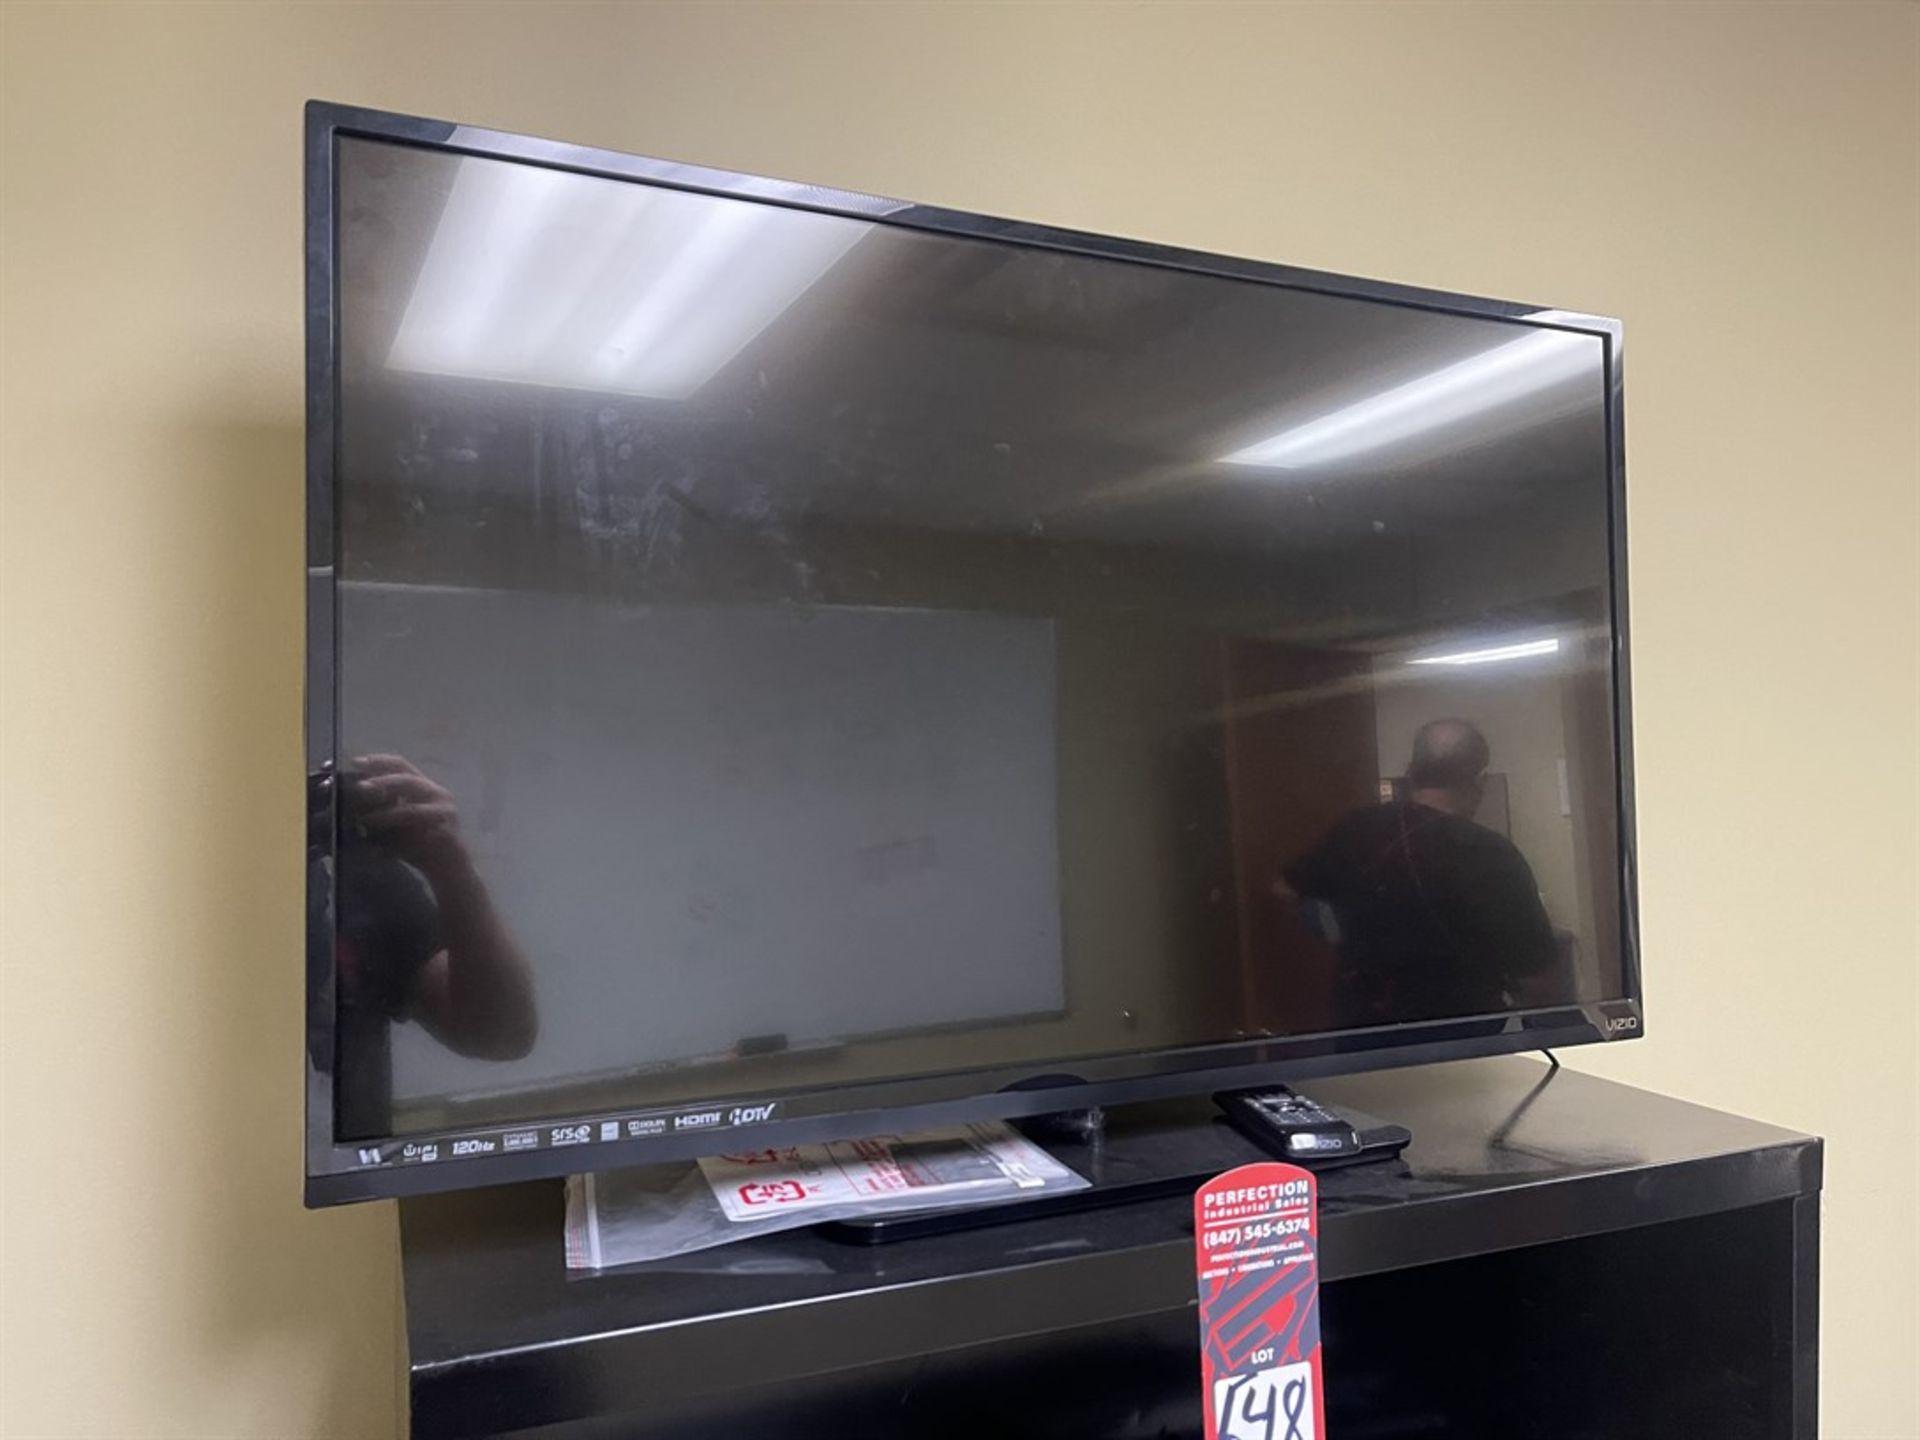 VIZIO E420i-A0 Flatscreen TV w/ Wall Mount